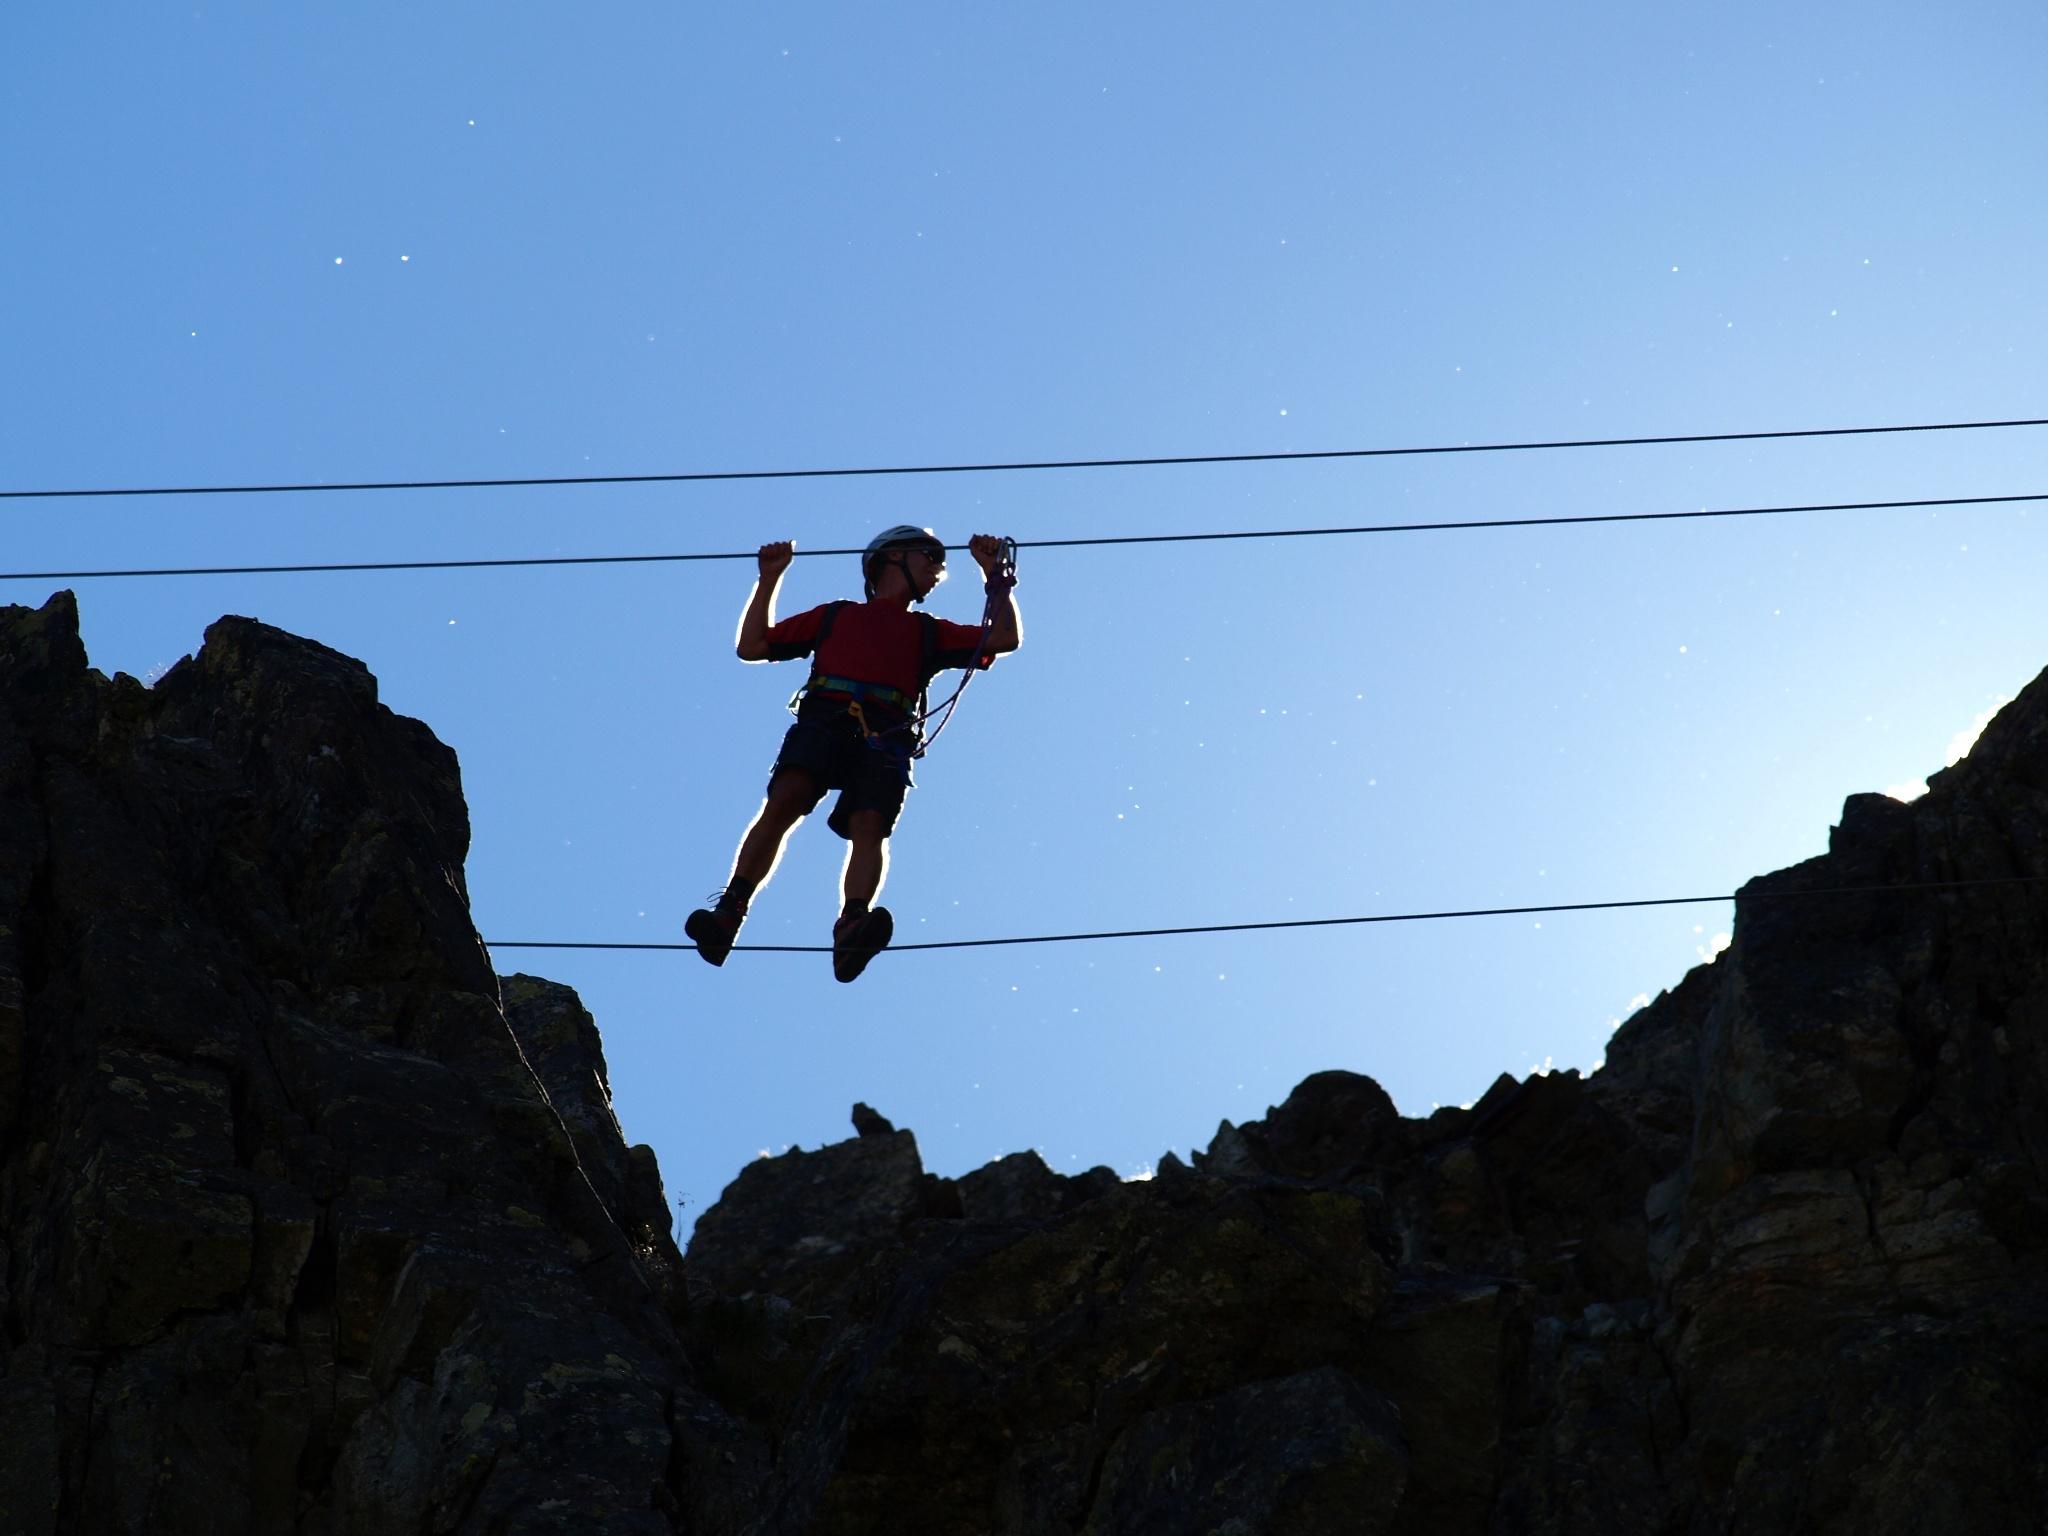 Vaude Klettersteig : Erfahrungsbericht vaude klettersteig camp klettersteige